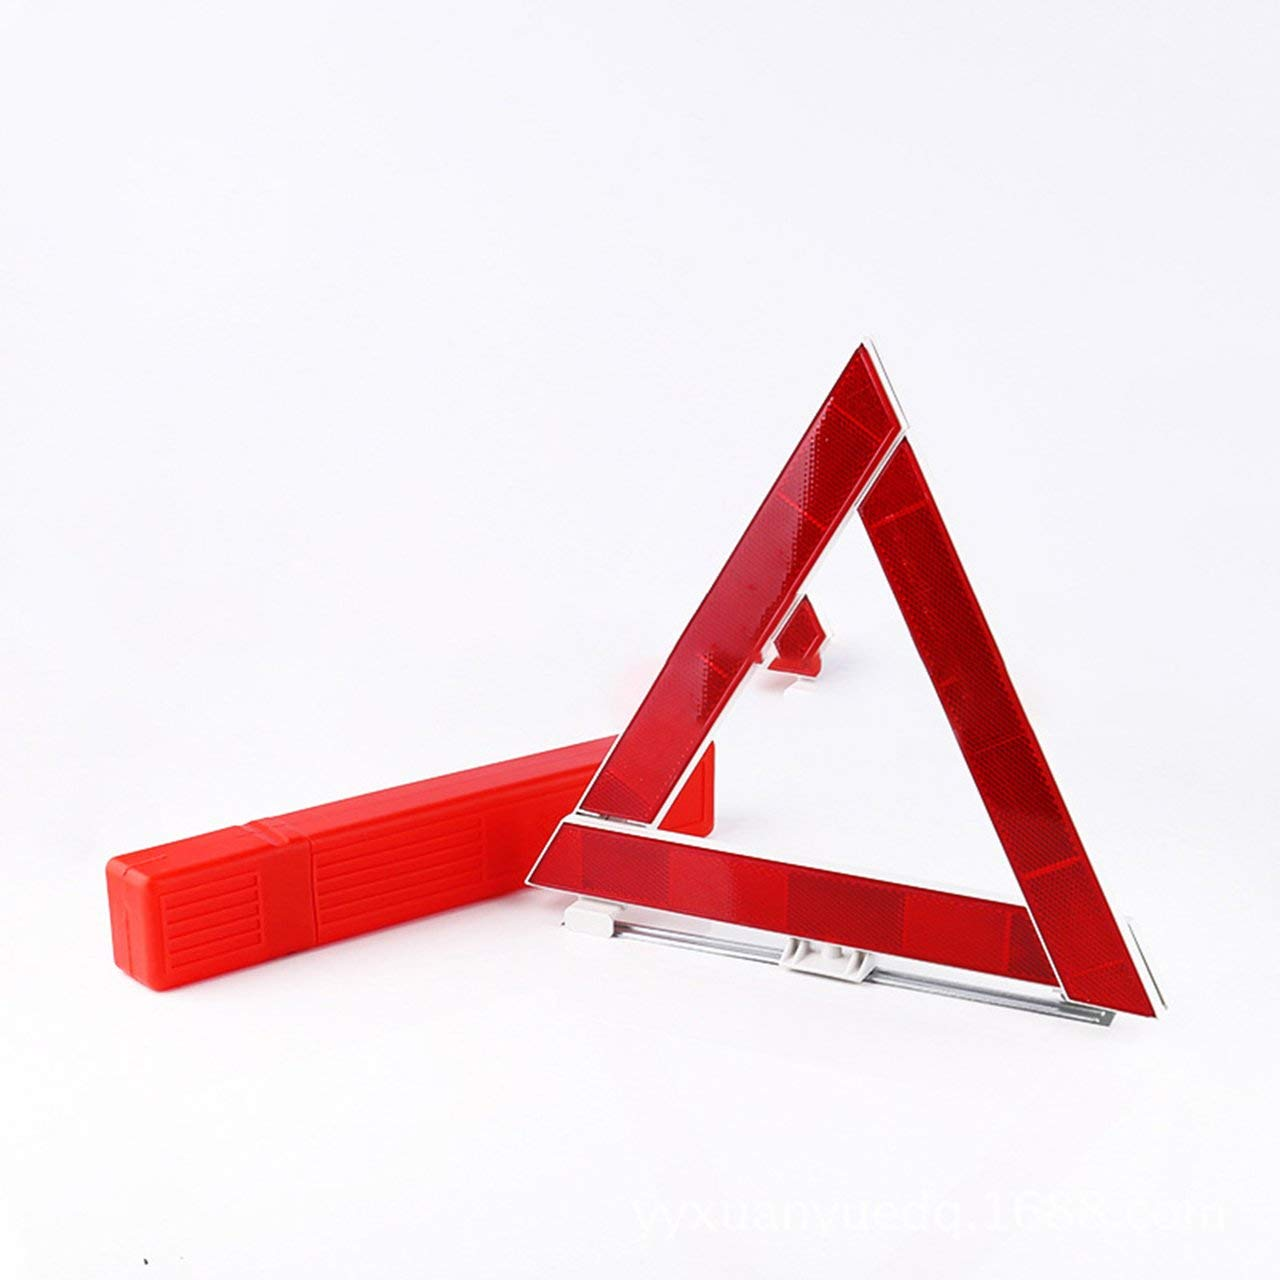 Rouge FRjasnyfall Panneau de signalisation durgence en Cas de Panne dun v/éhicule Triangle r/éfl/échissant la s/écurit/é routi/ère